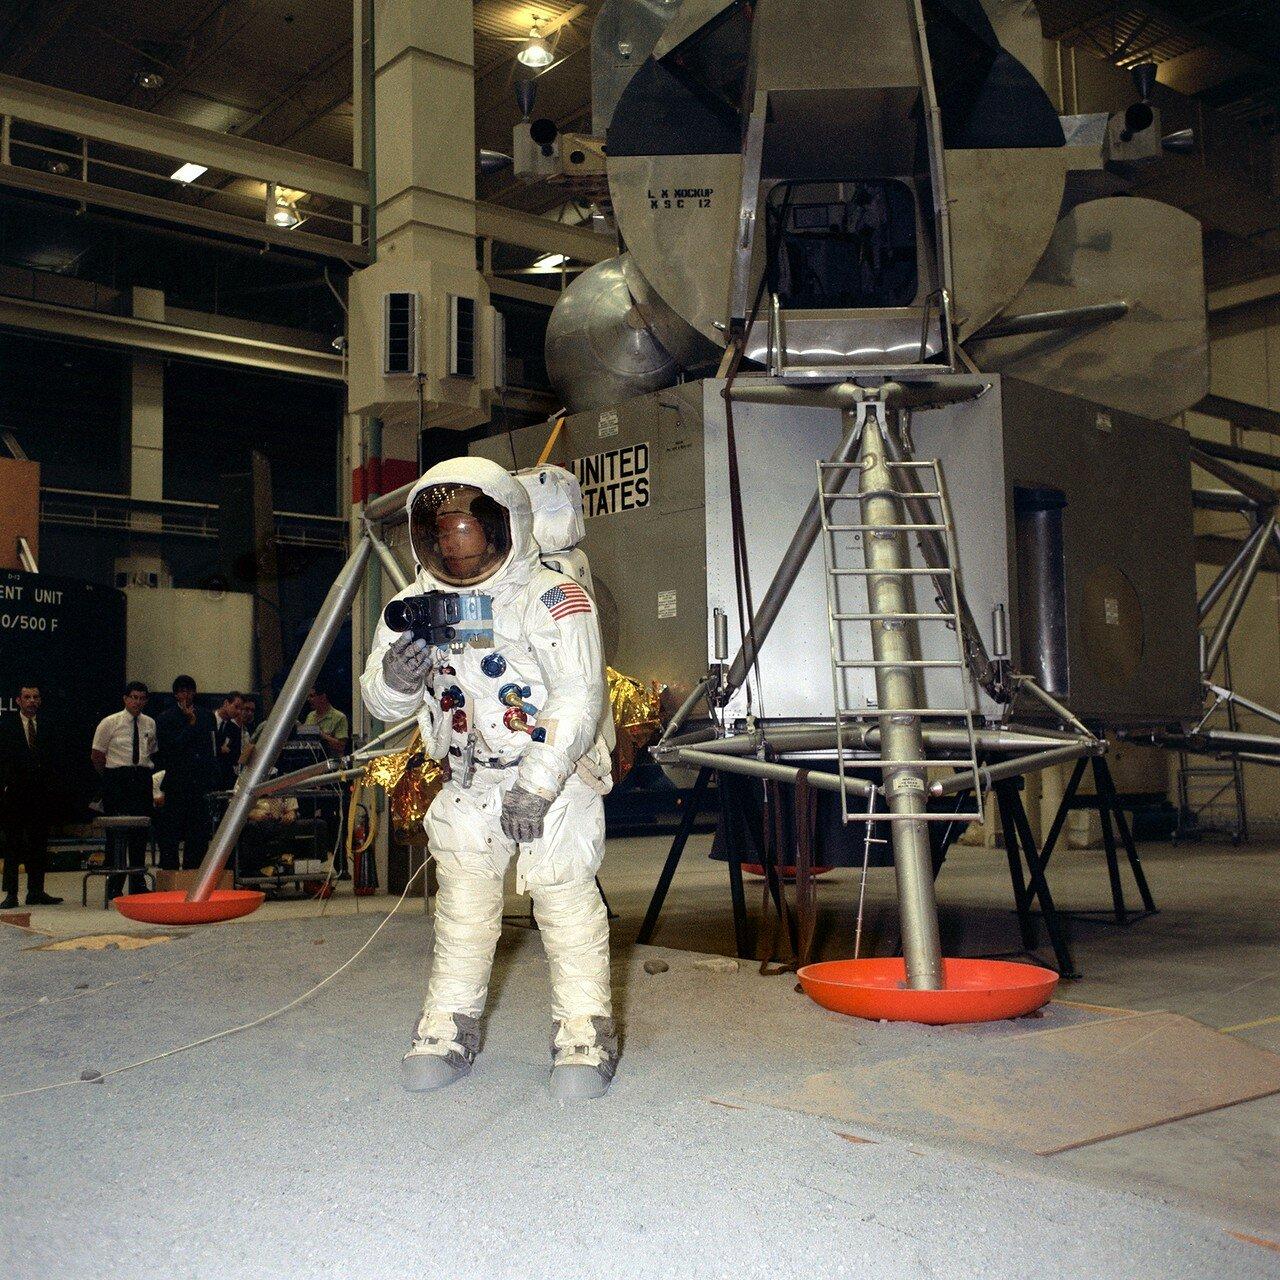 1969. Тренировка с фотокамерой в Центре пилотируемых полётов в Хьюстоне